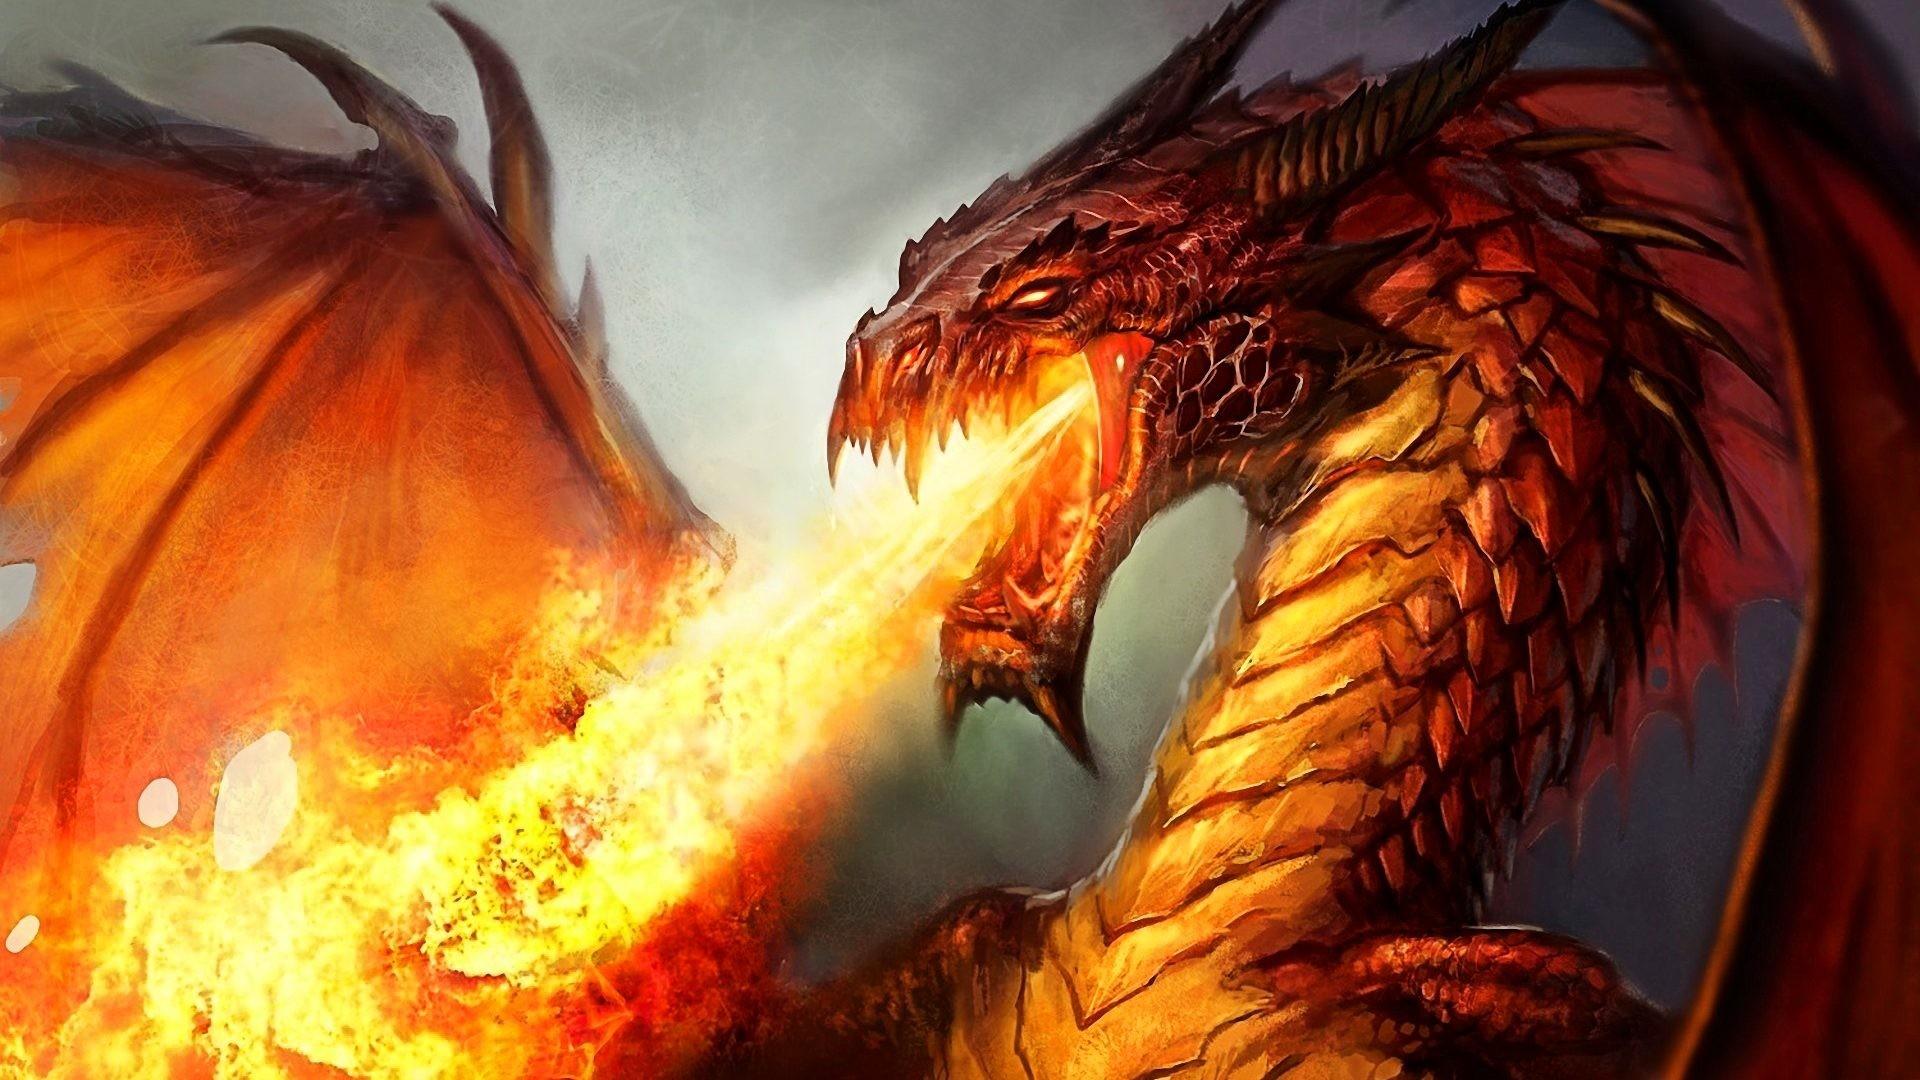 <b>Fire Dragon Wallpaper</b> Full